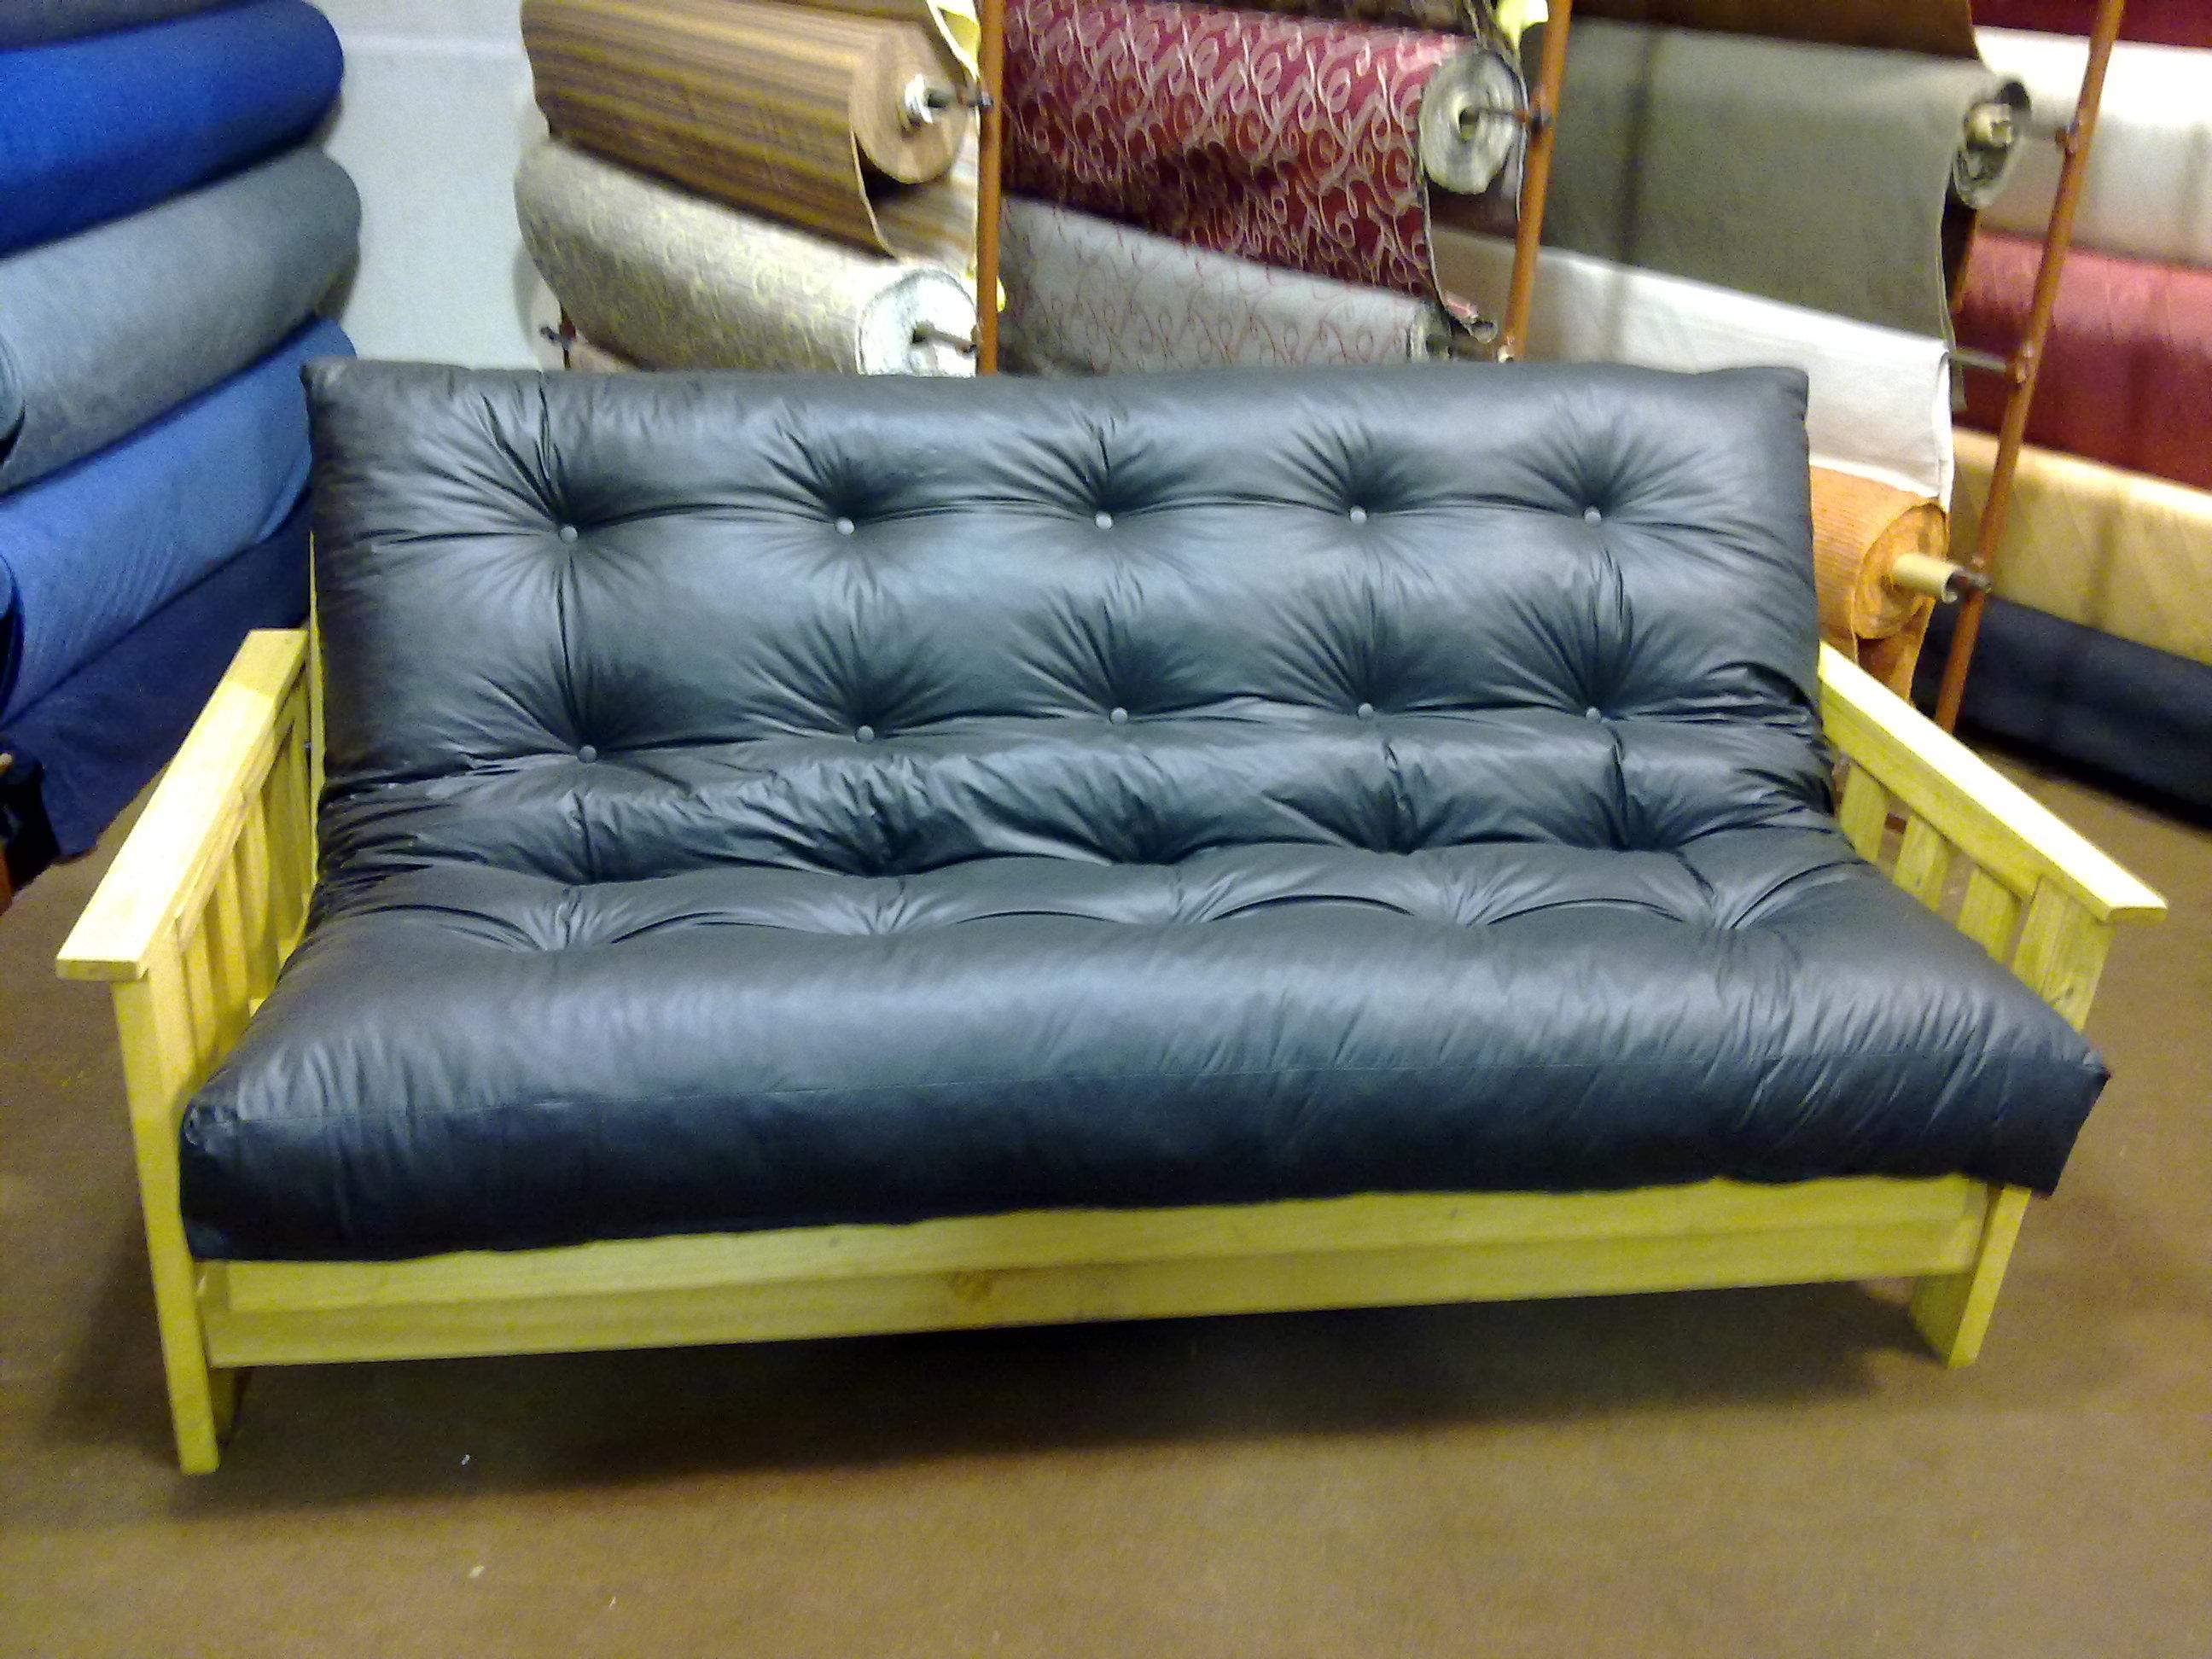 Mayorista de colchones y almohadas futones futones for Precio de futones